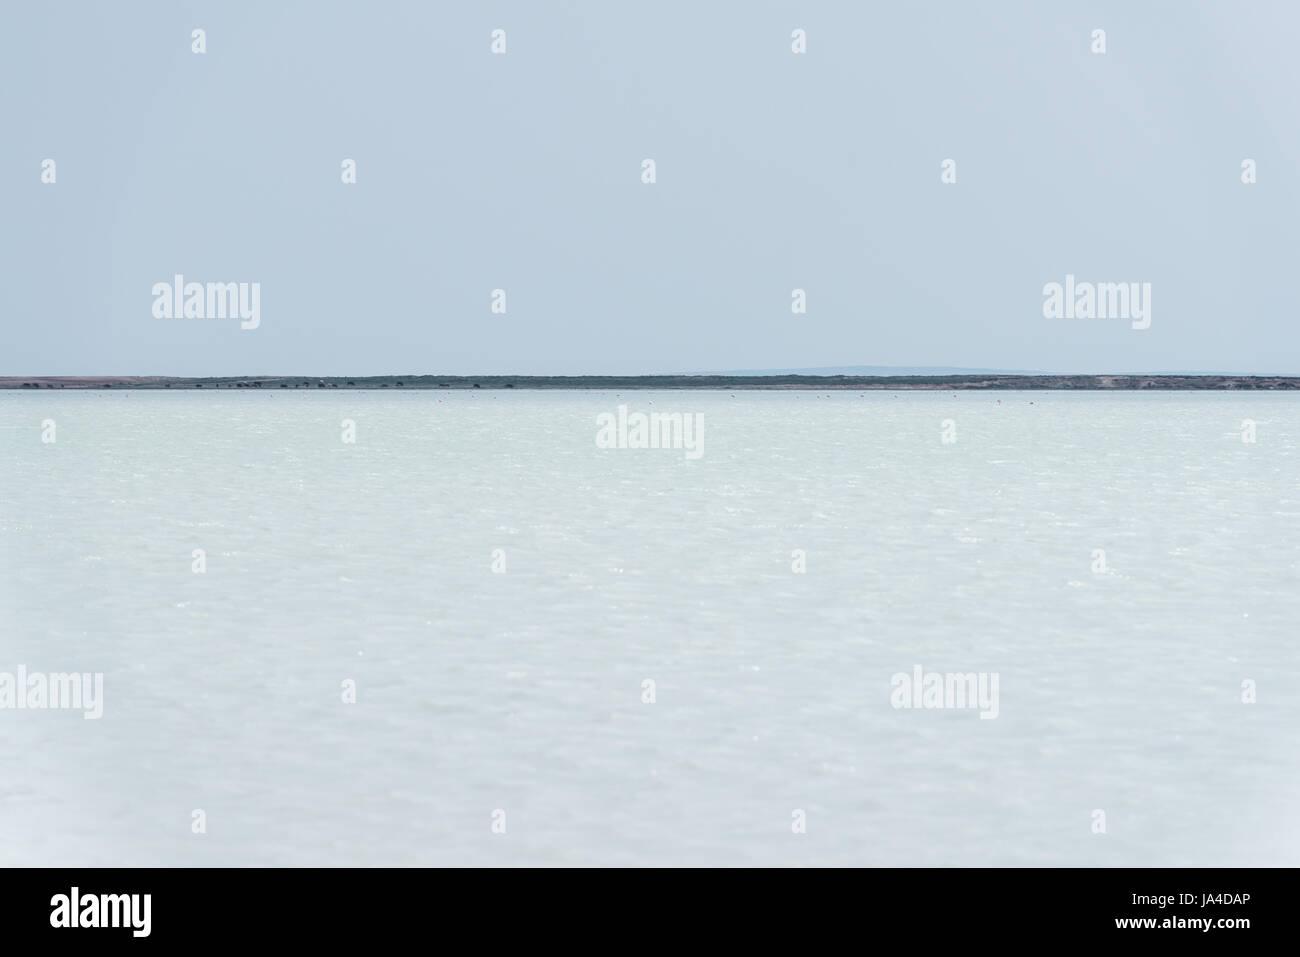 Una escena minimalista con un cielo despejado, agua azul y una línea de horizonte Imagen De Stock